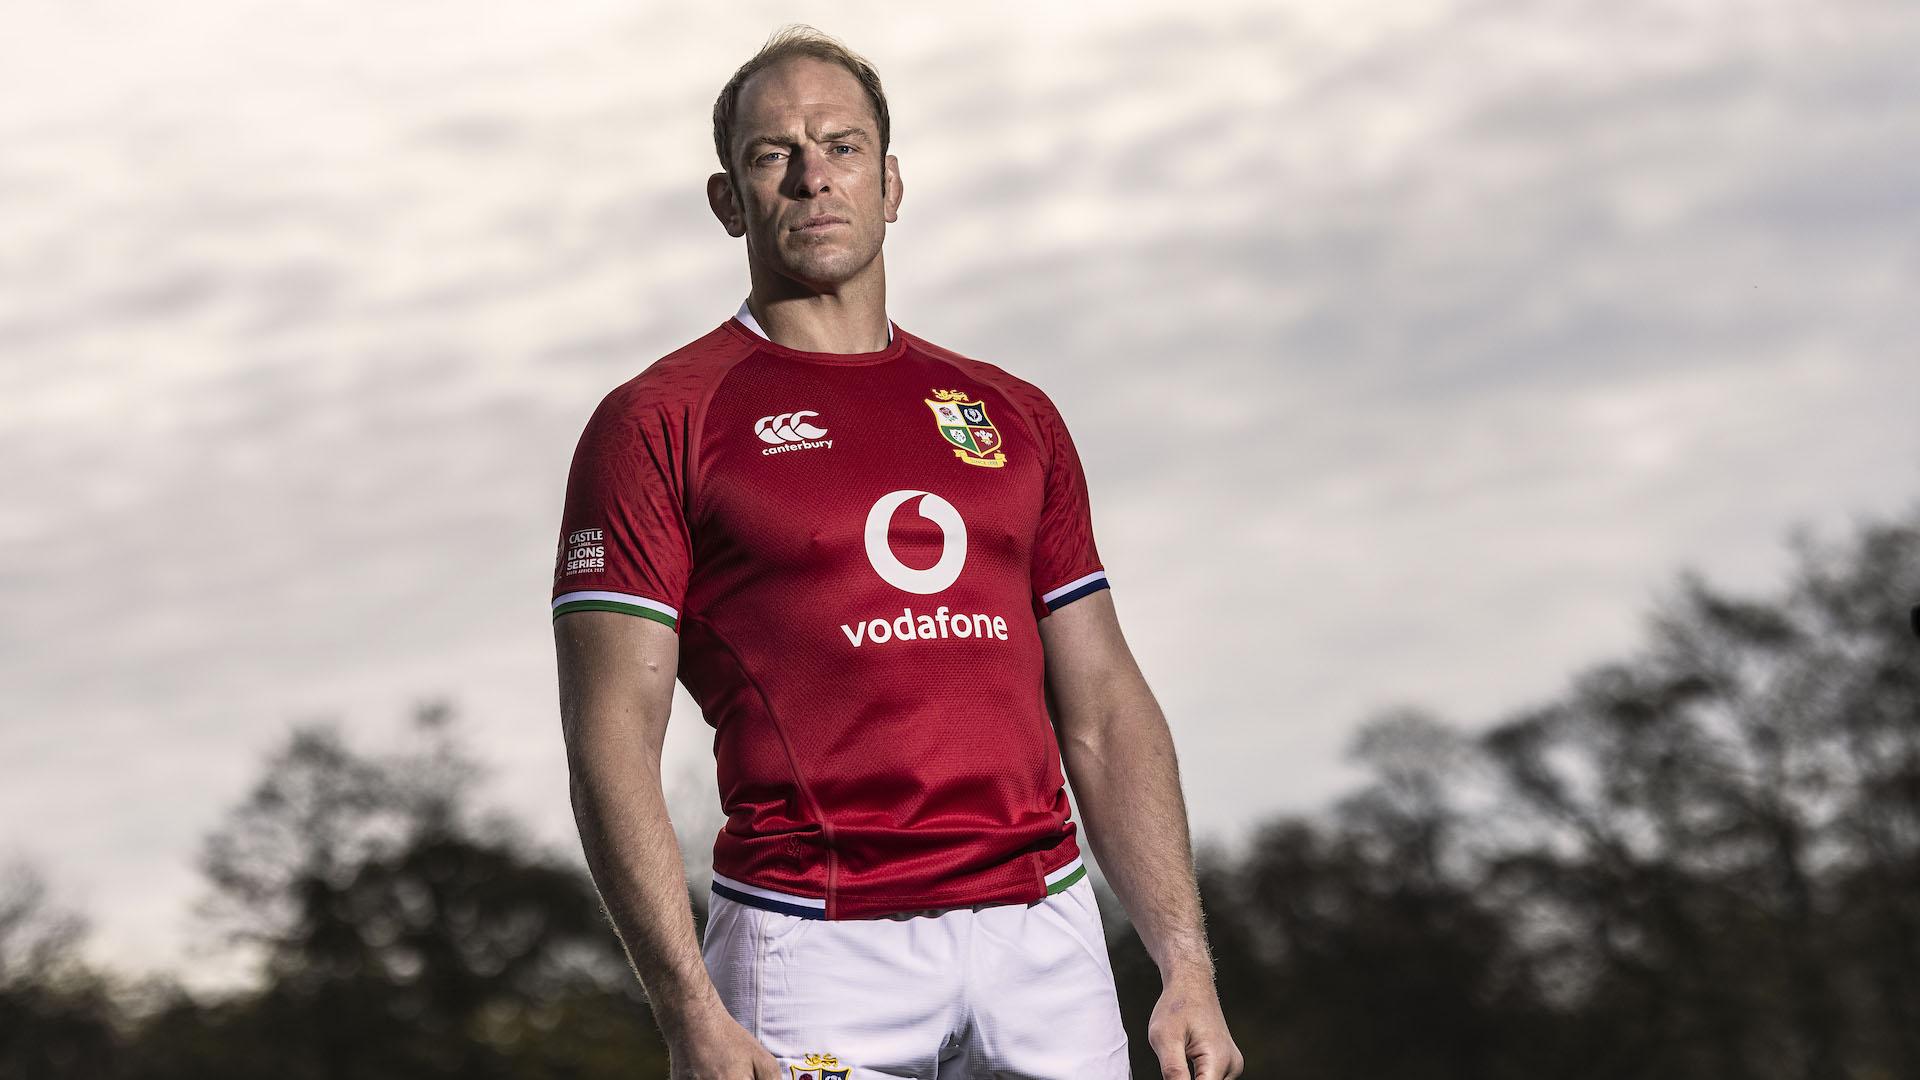 Alun Wyn Jones Lions captain